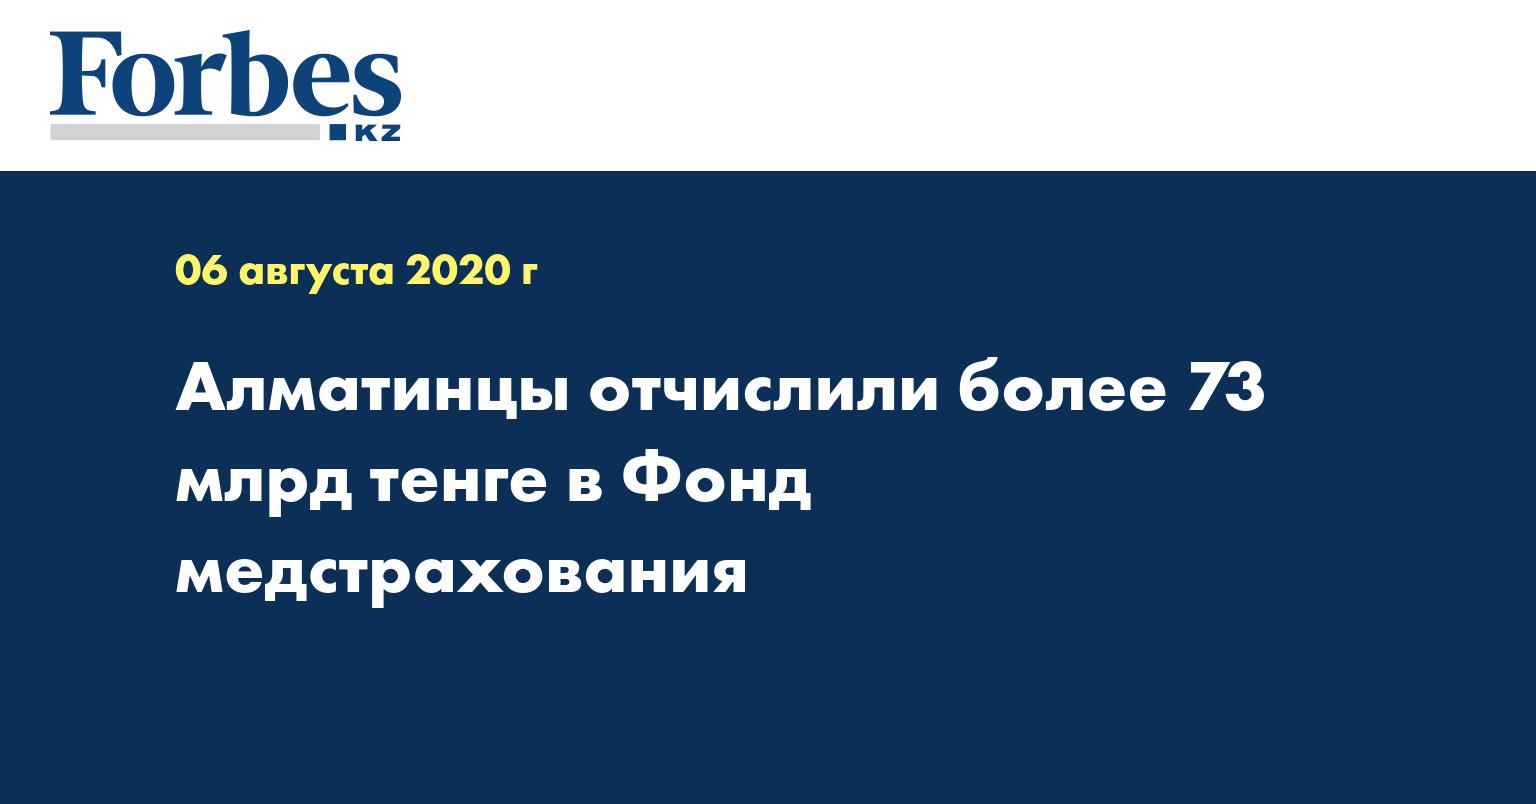 Алматинцы отчислили более 73 млрд тенге в Фонд медстрахования